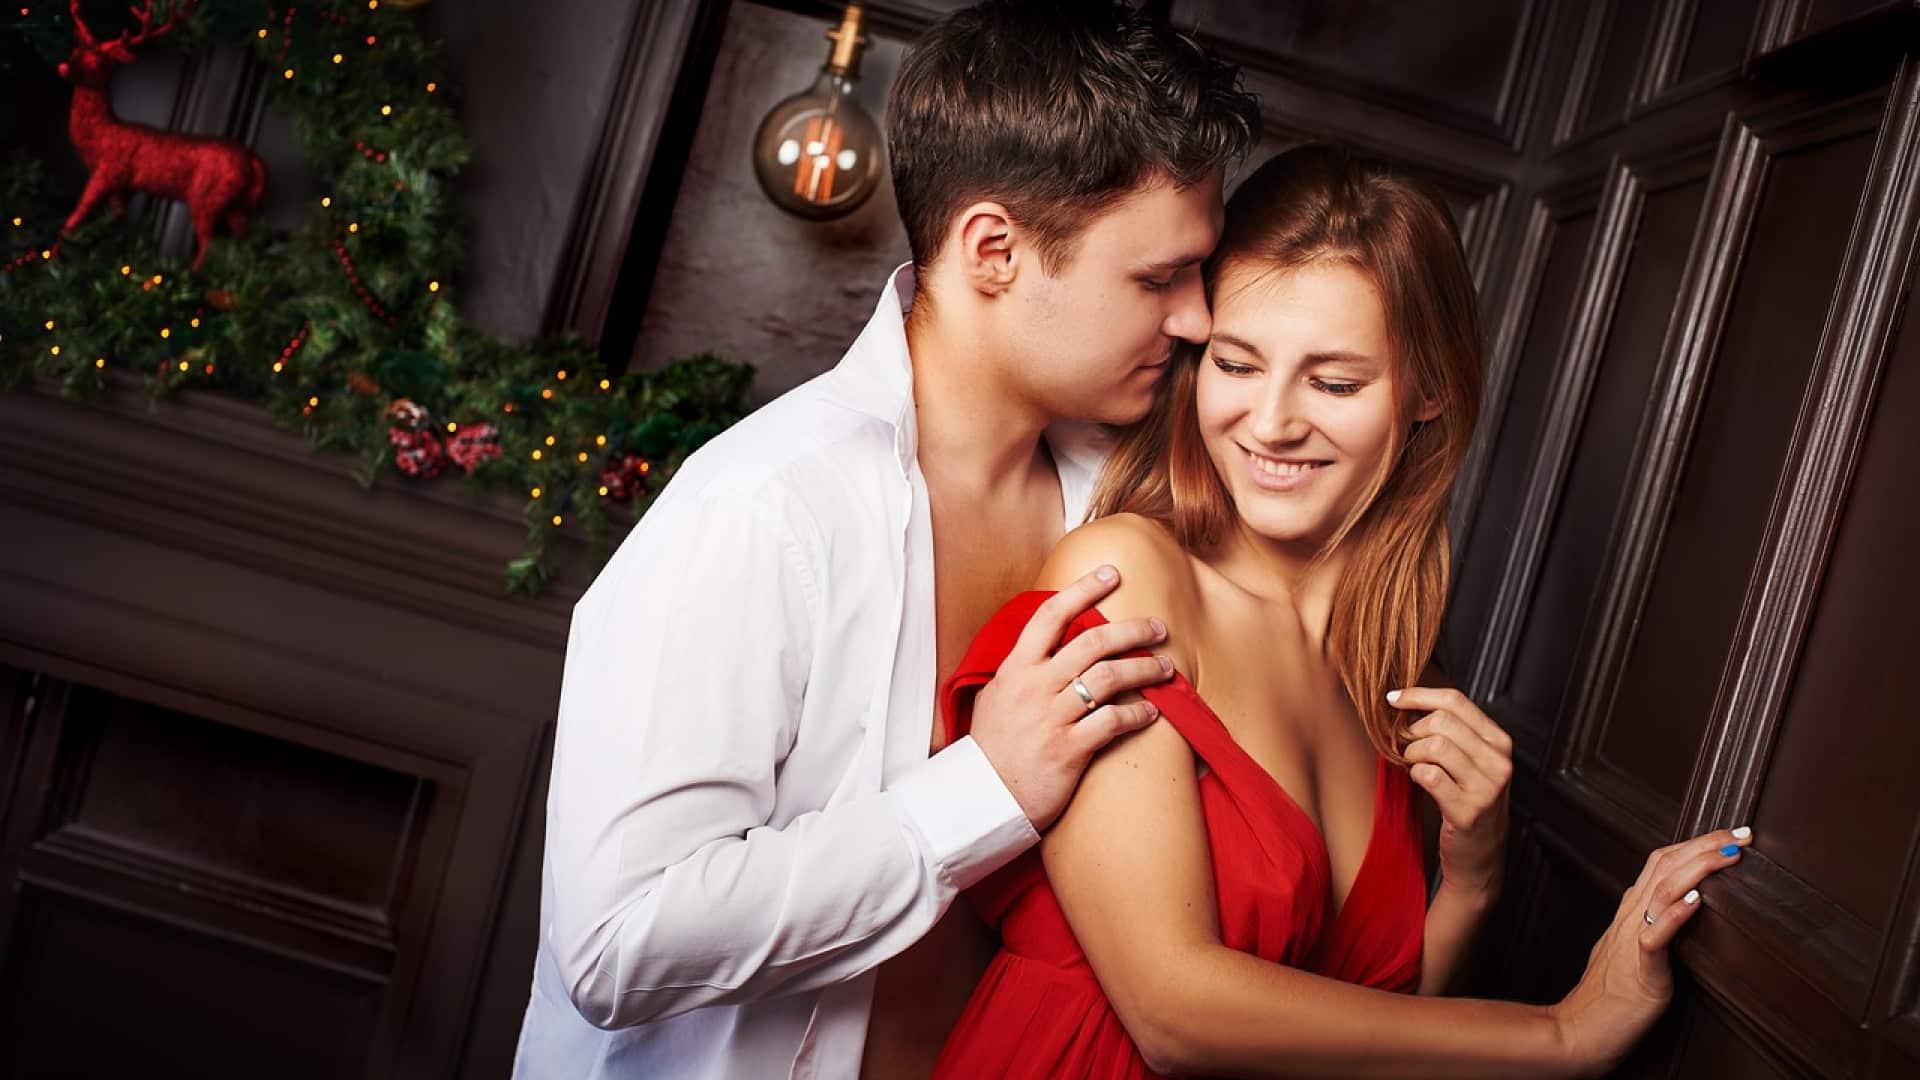 couples-quels-sont-les-avantages-des-objets-coquinse28089